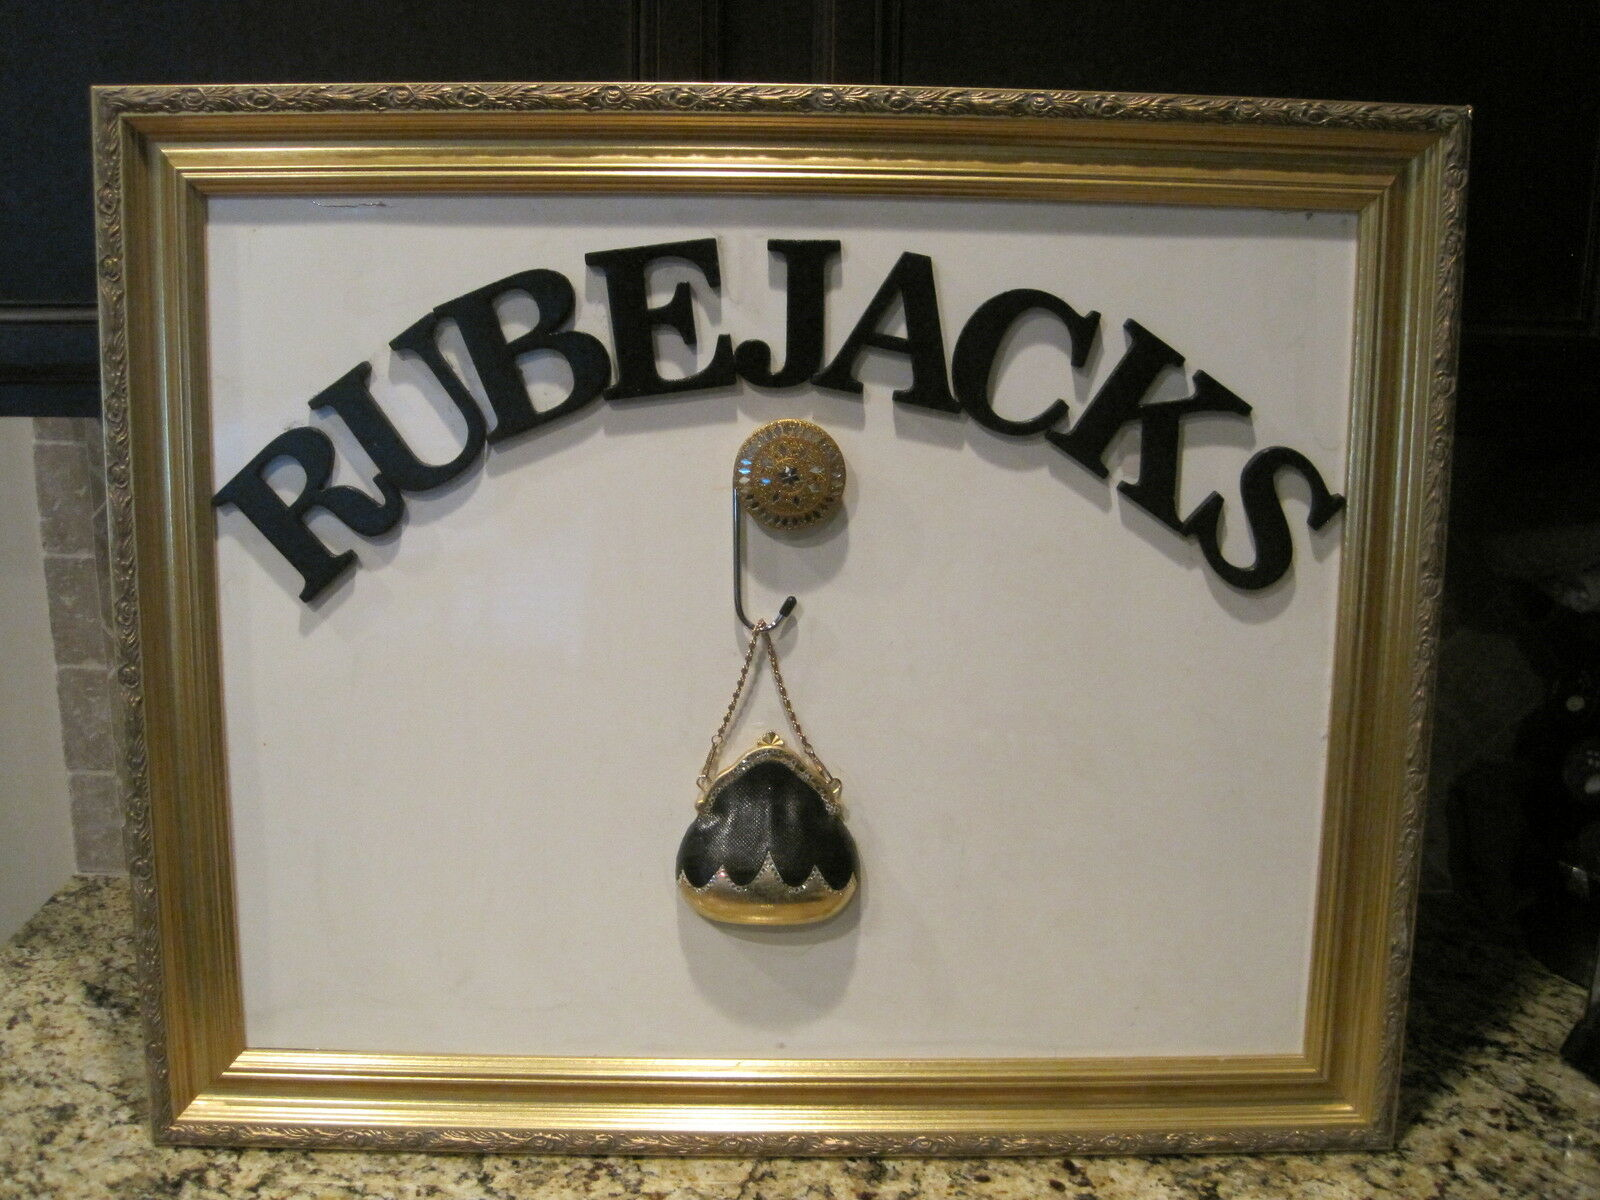 RUBEJACKS